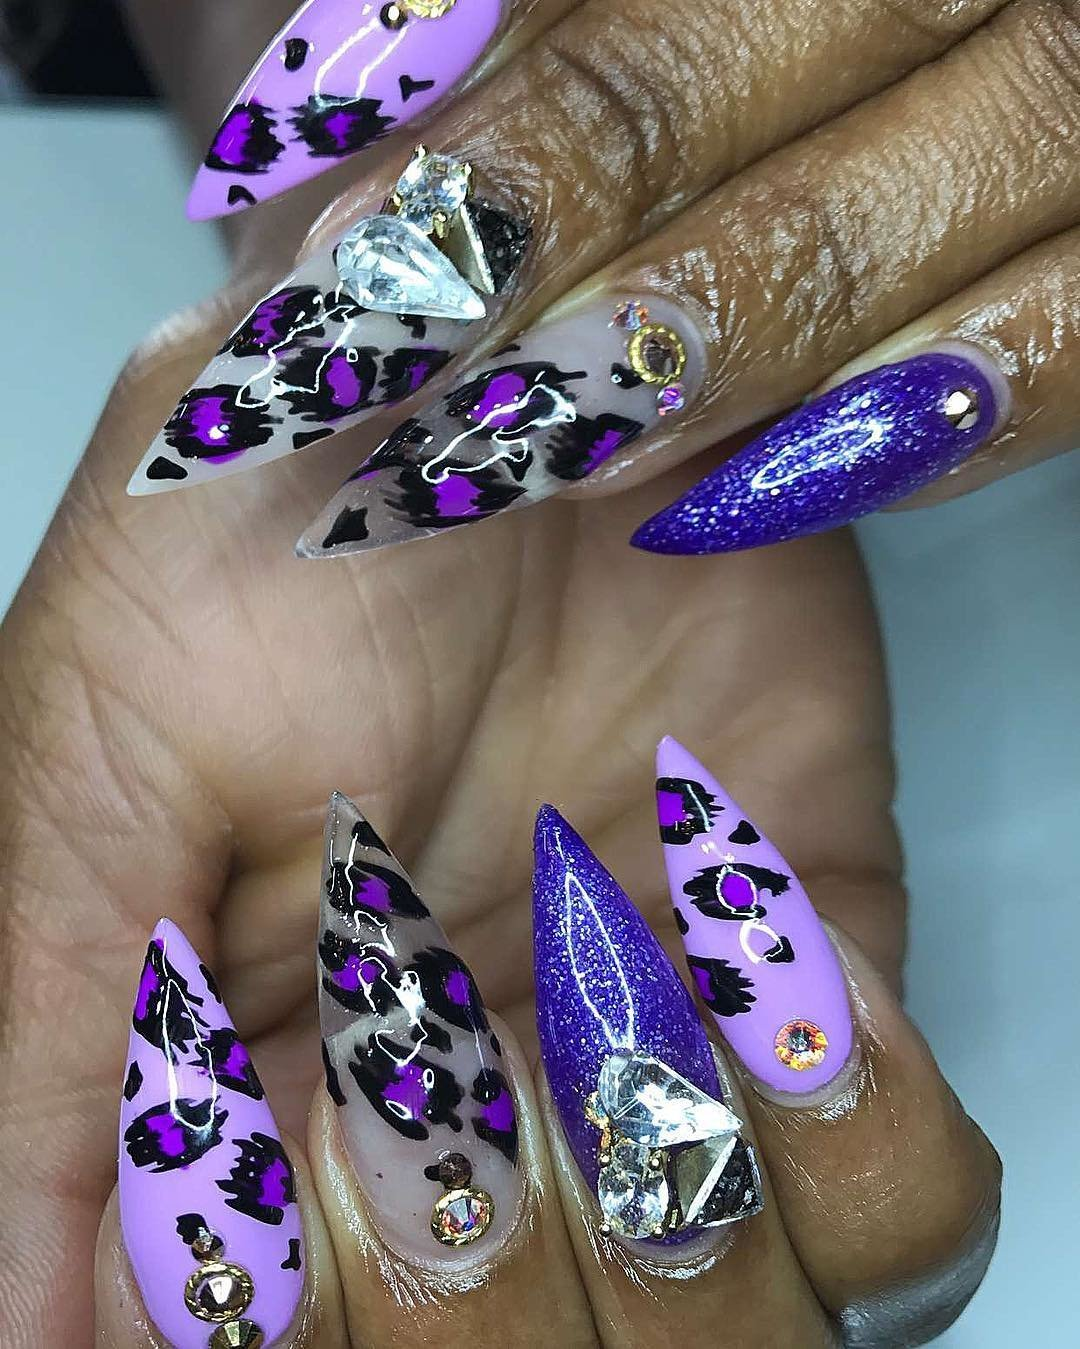 Красивые рисунки на острых ногтях фото известного автора